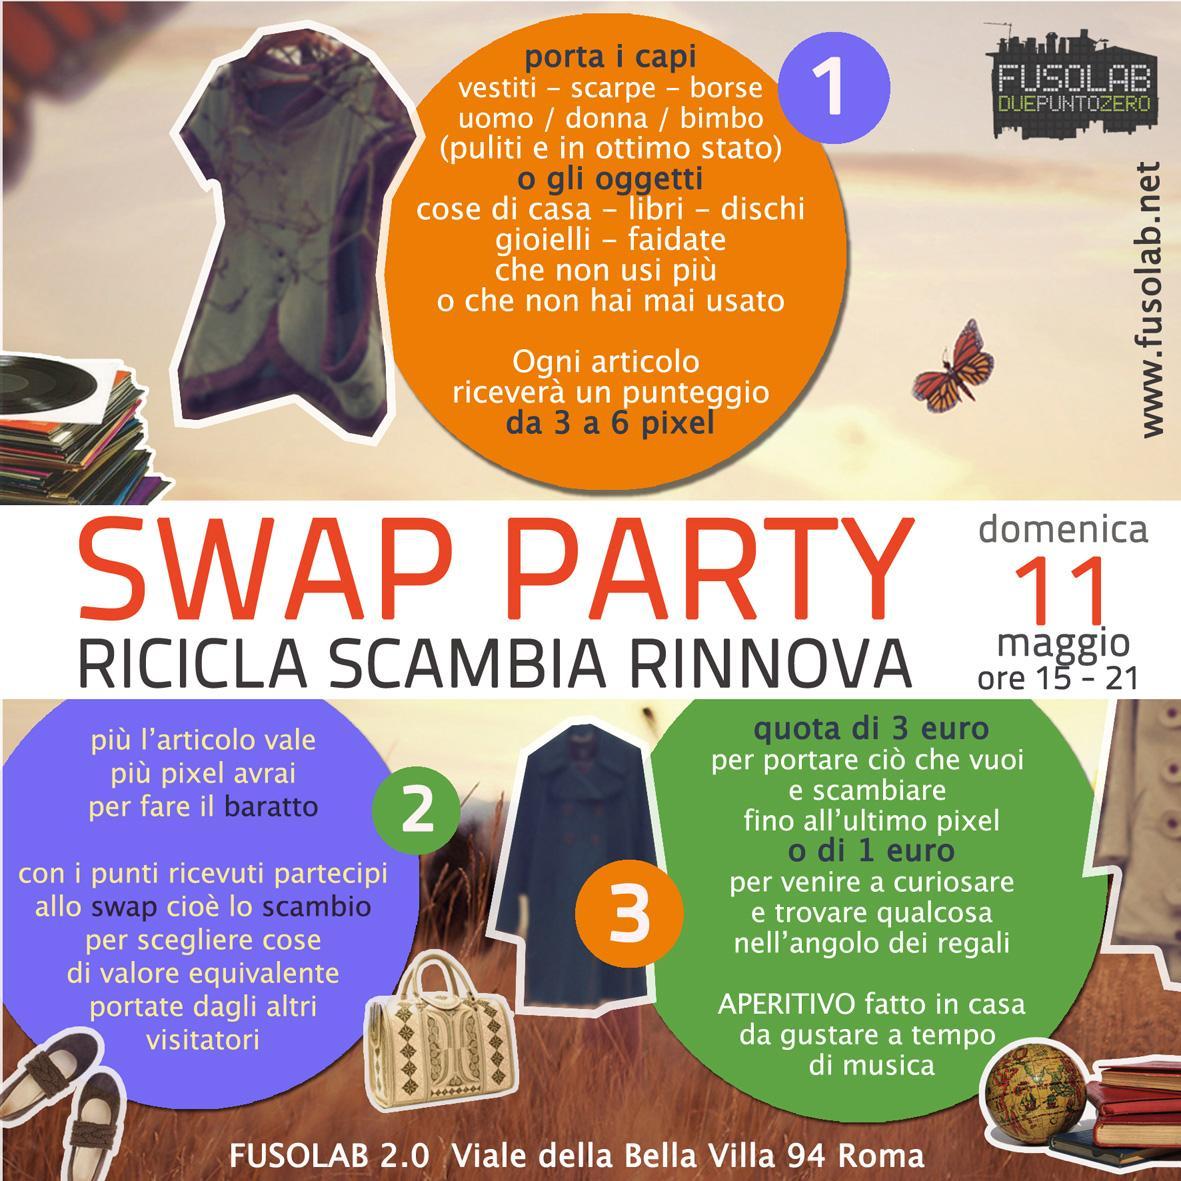 20140511 Swap Party Retro web